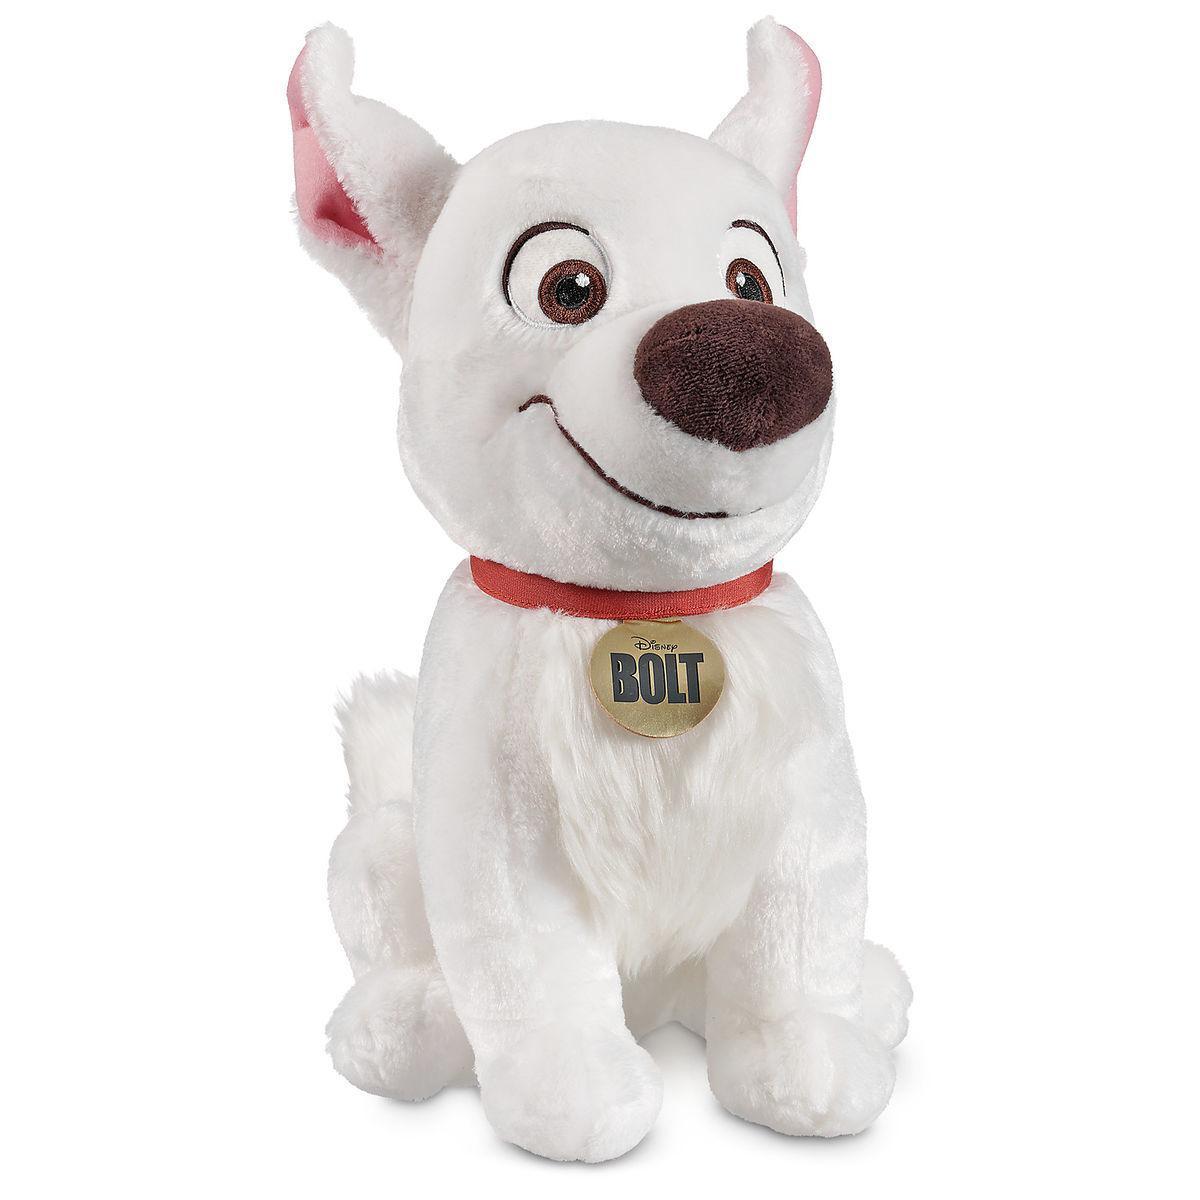 Disney Мягкая игрушка собака Вольт 35см